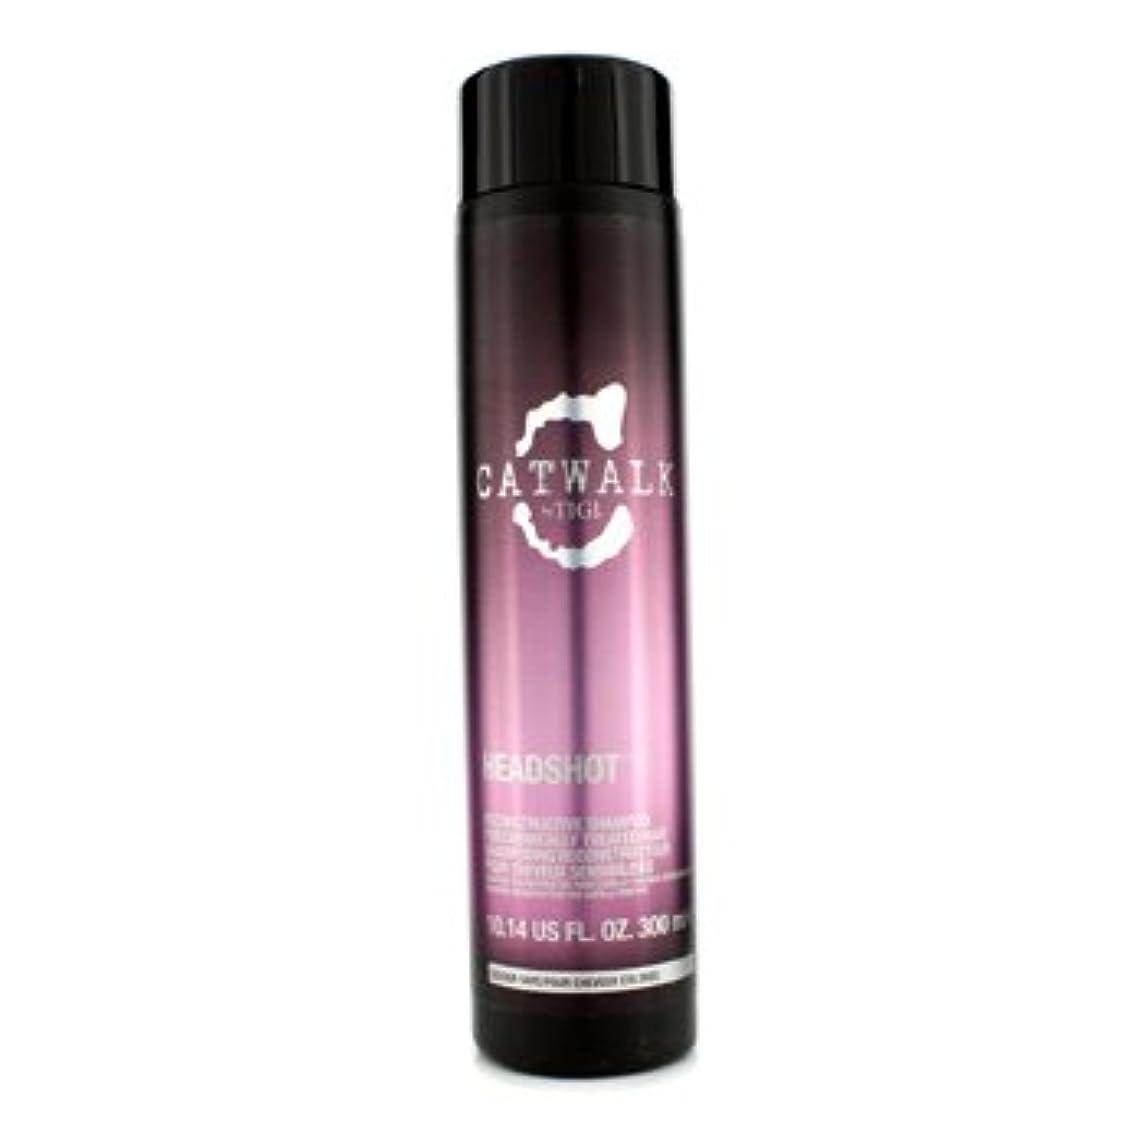 満たす予想外教育者[Tigi] Catwalk Headshot Reconstructive Shampoo (For Chemically Treated Hair) 300ml/10.14oz